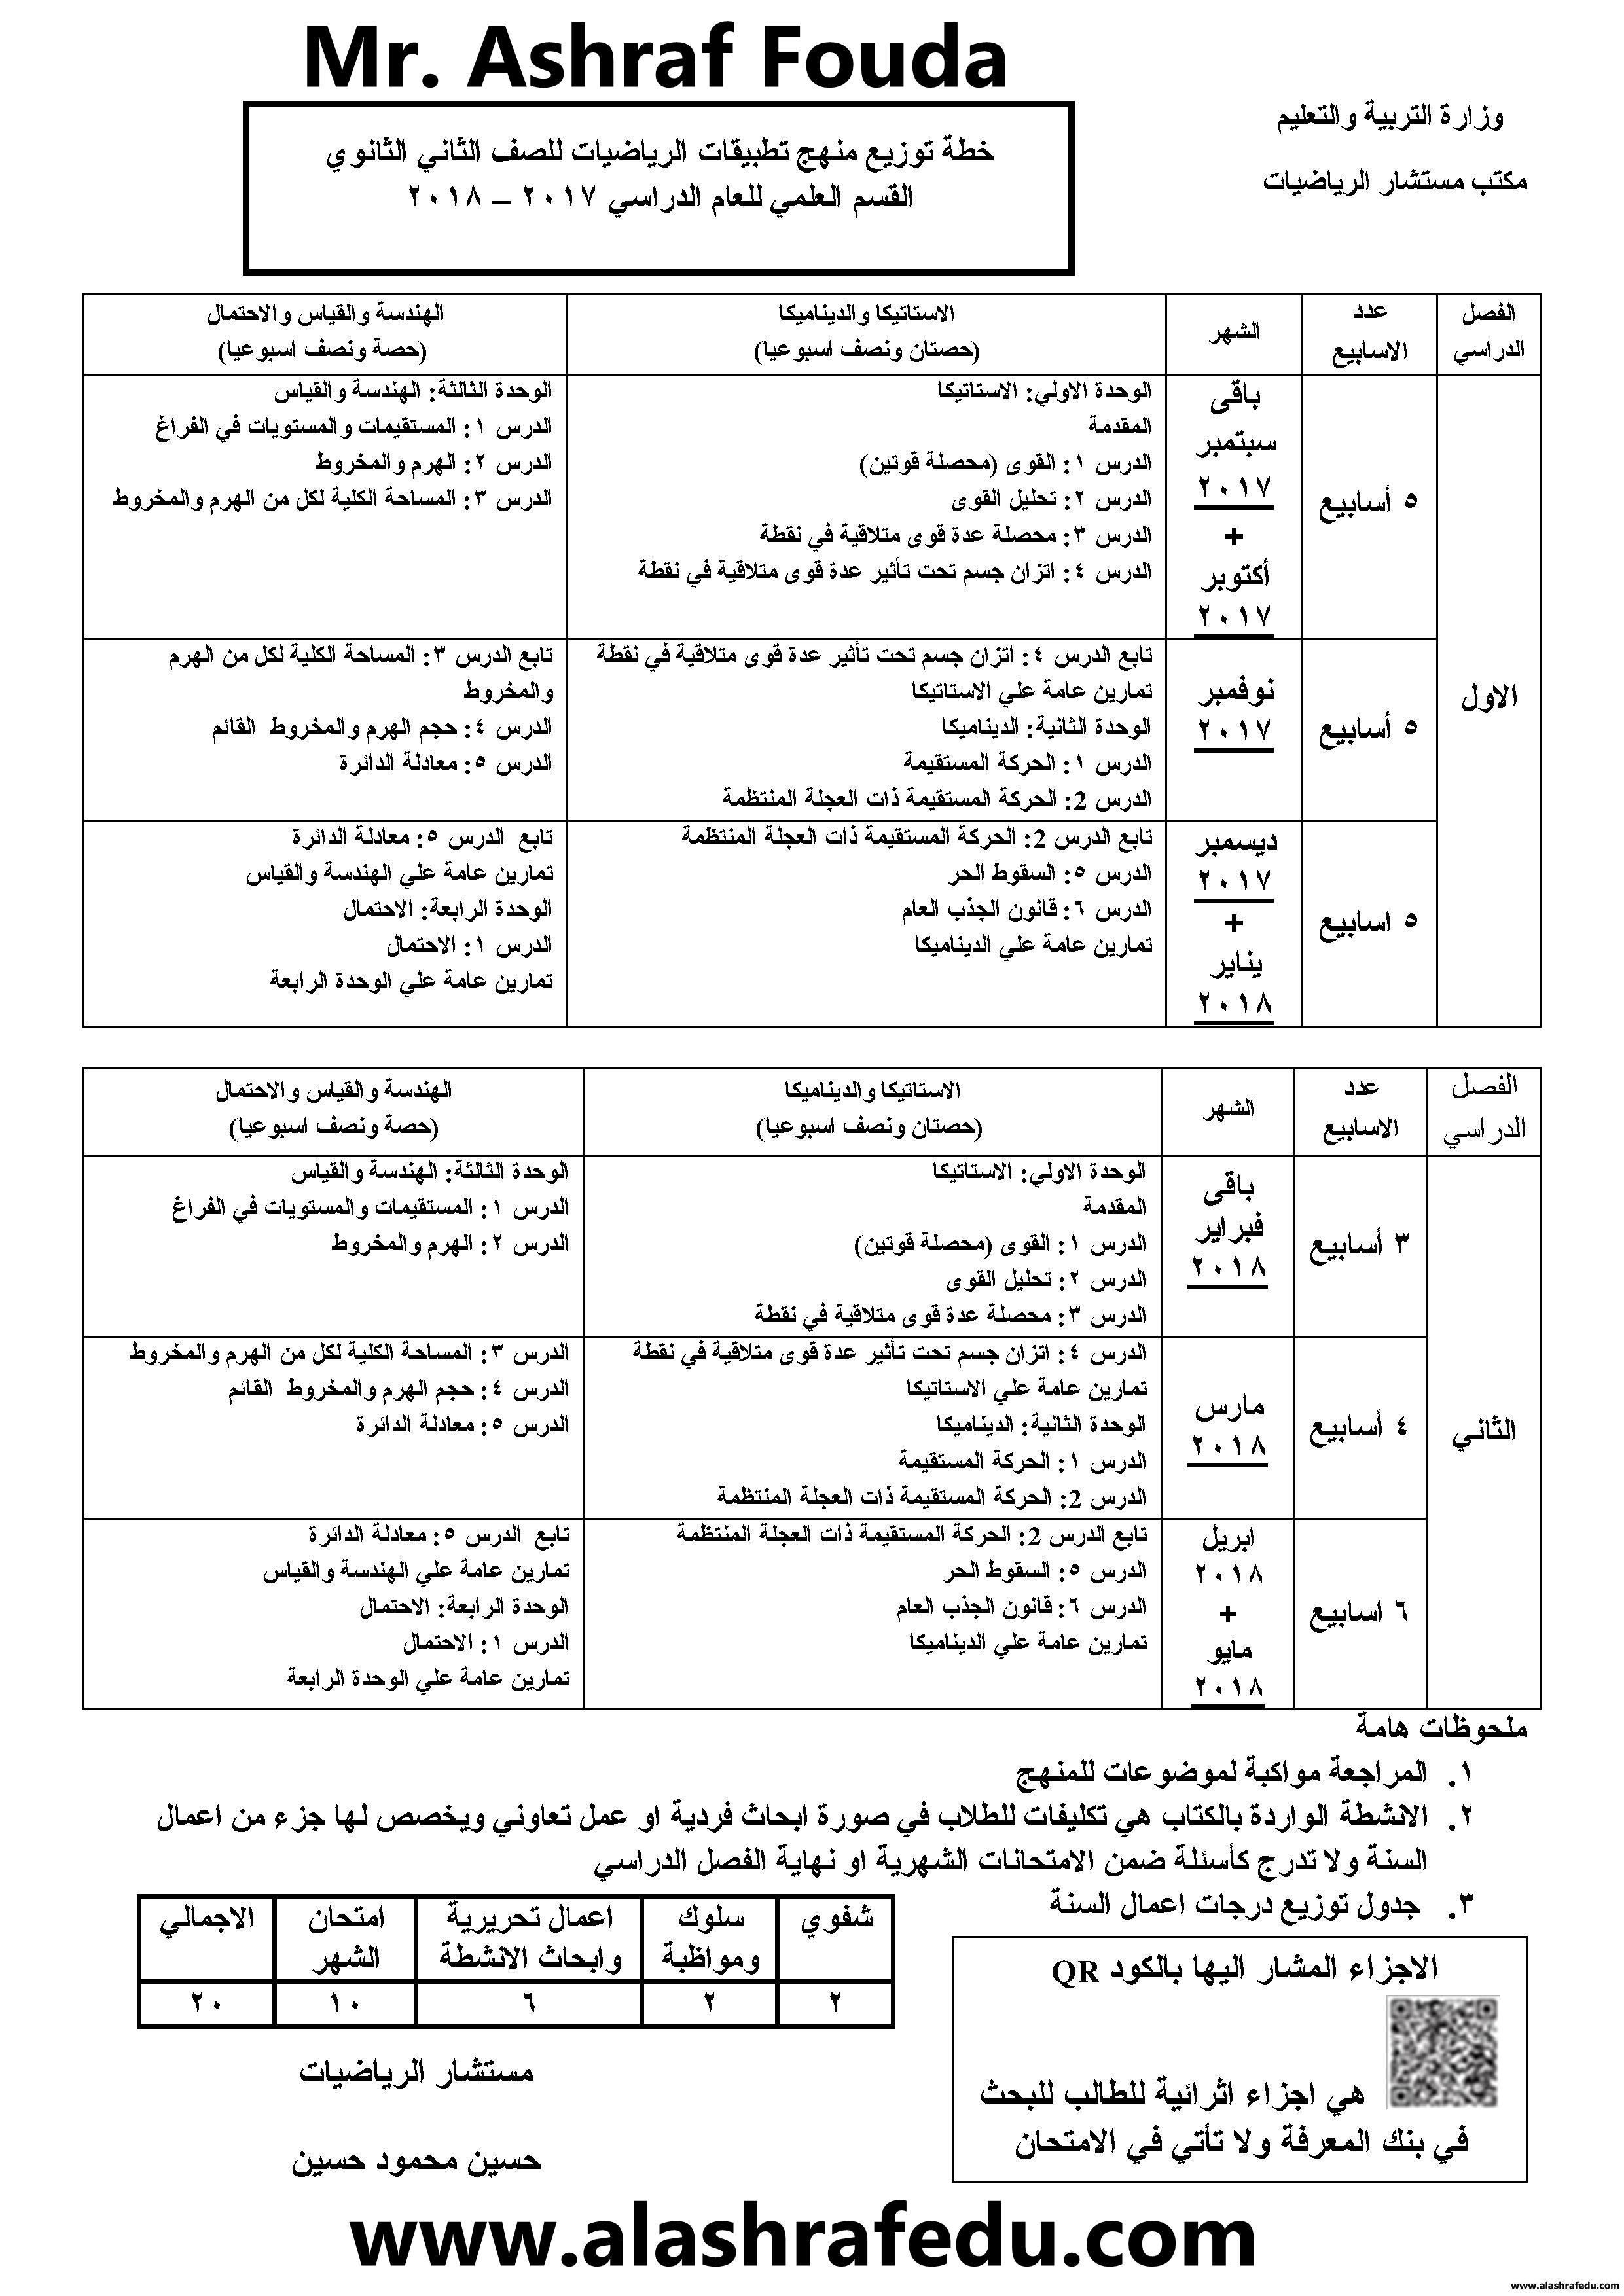 توزيع منهج تطبيقات الرياضيات 2018 www.alashrafedu.com1